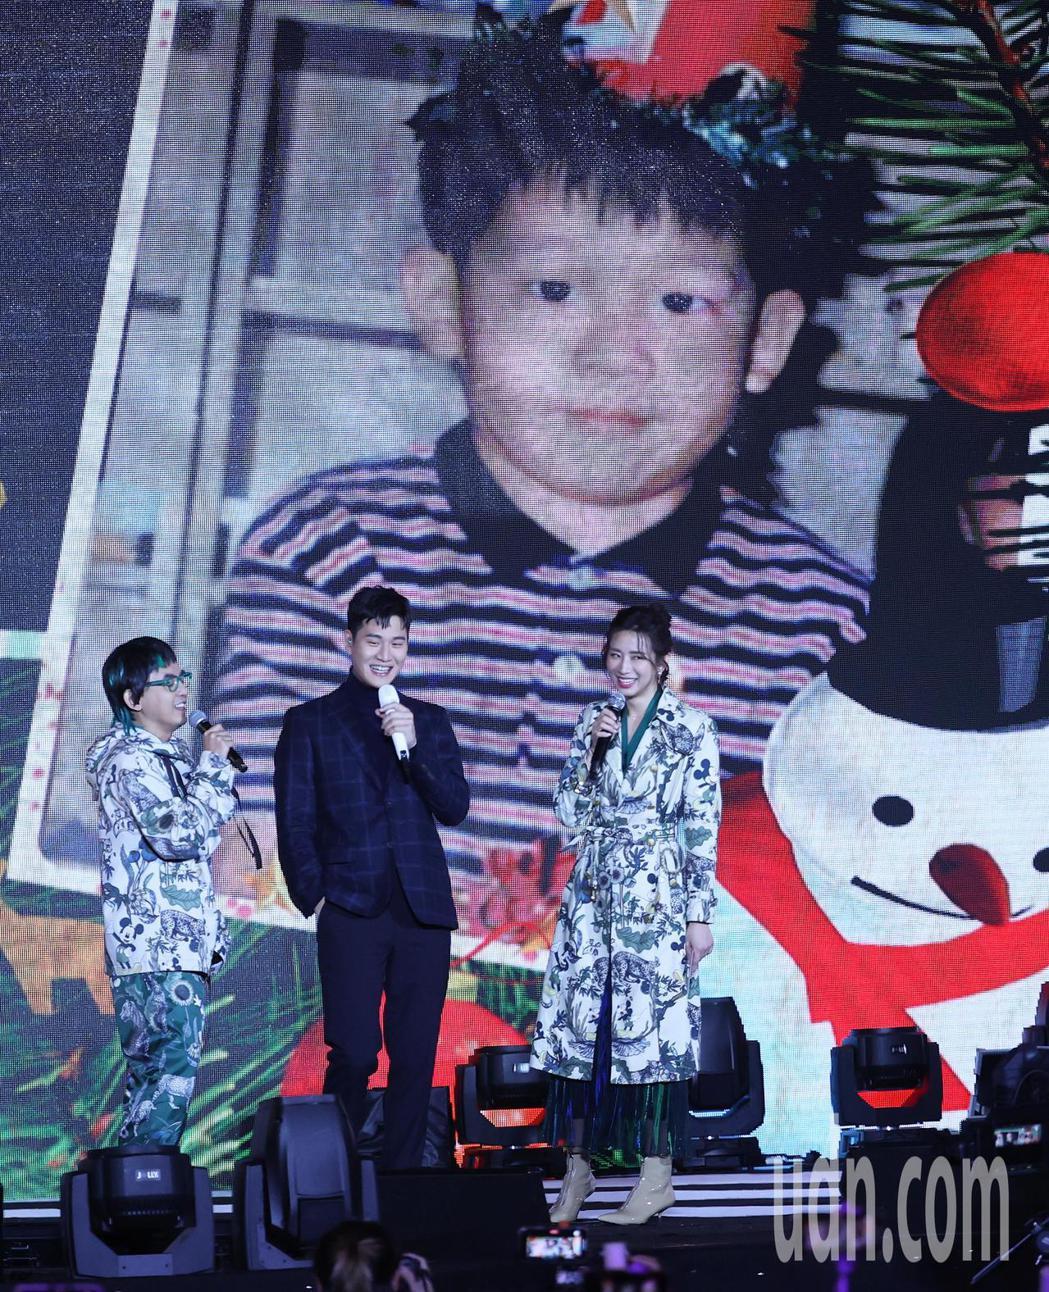 新北耶誕城演唱會,歌手周興哲(中)與舊愛主持人趙岱新(右)在舞台上相互擁抱致意,...